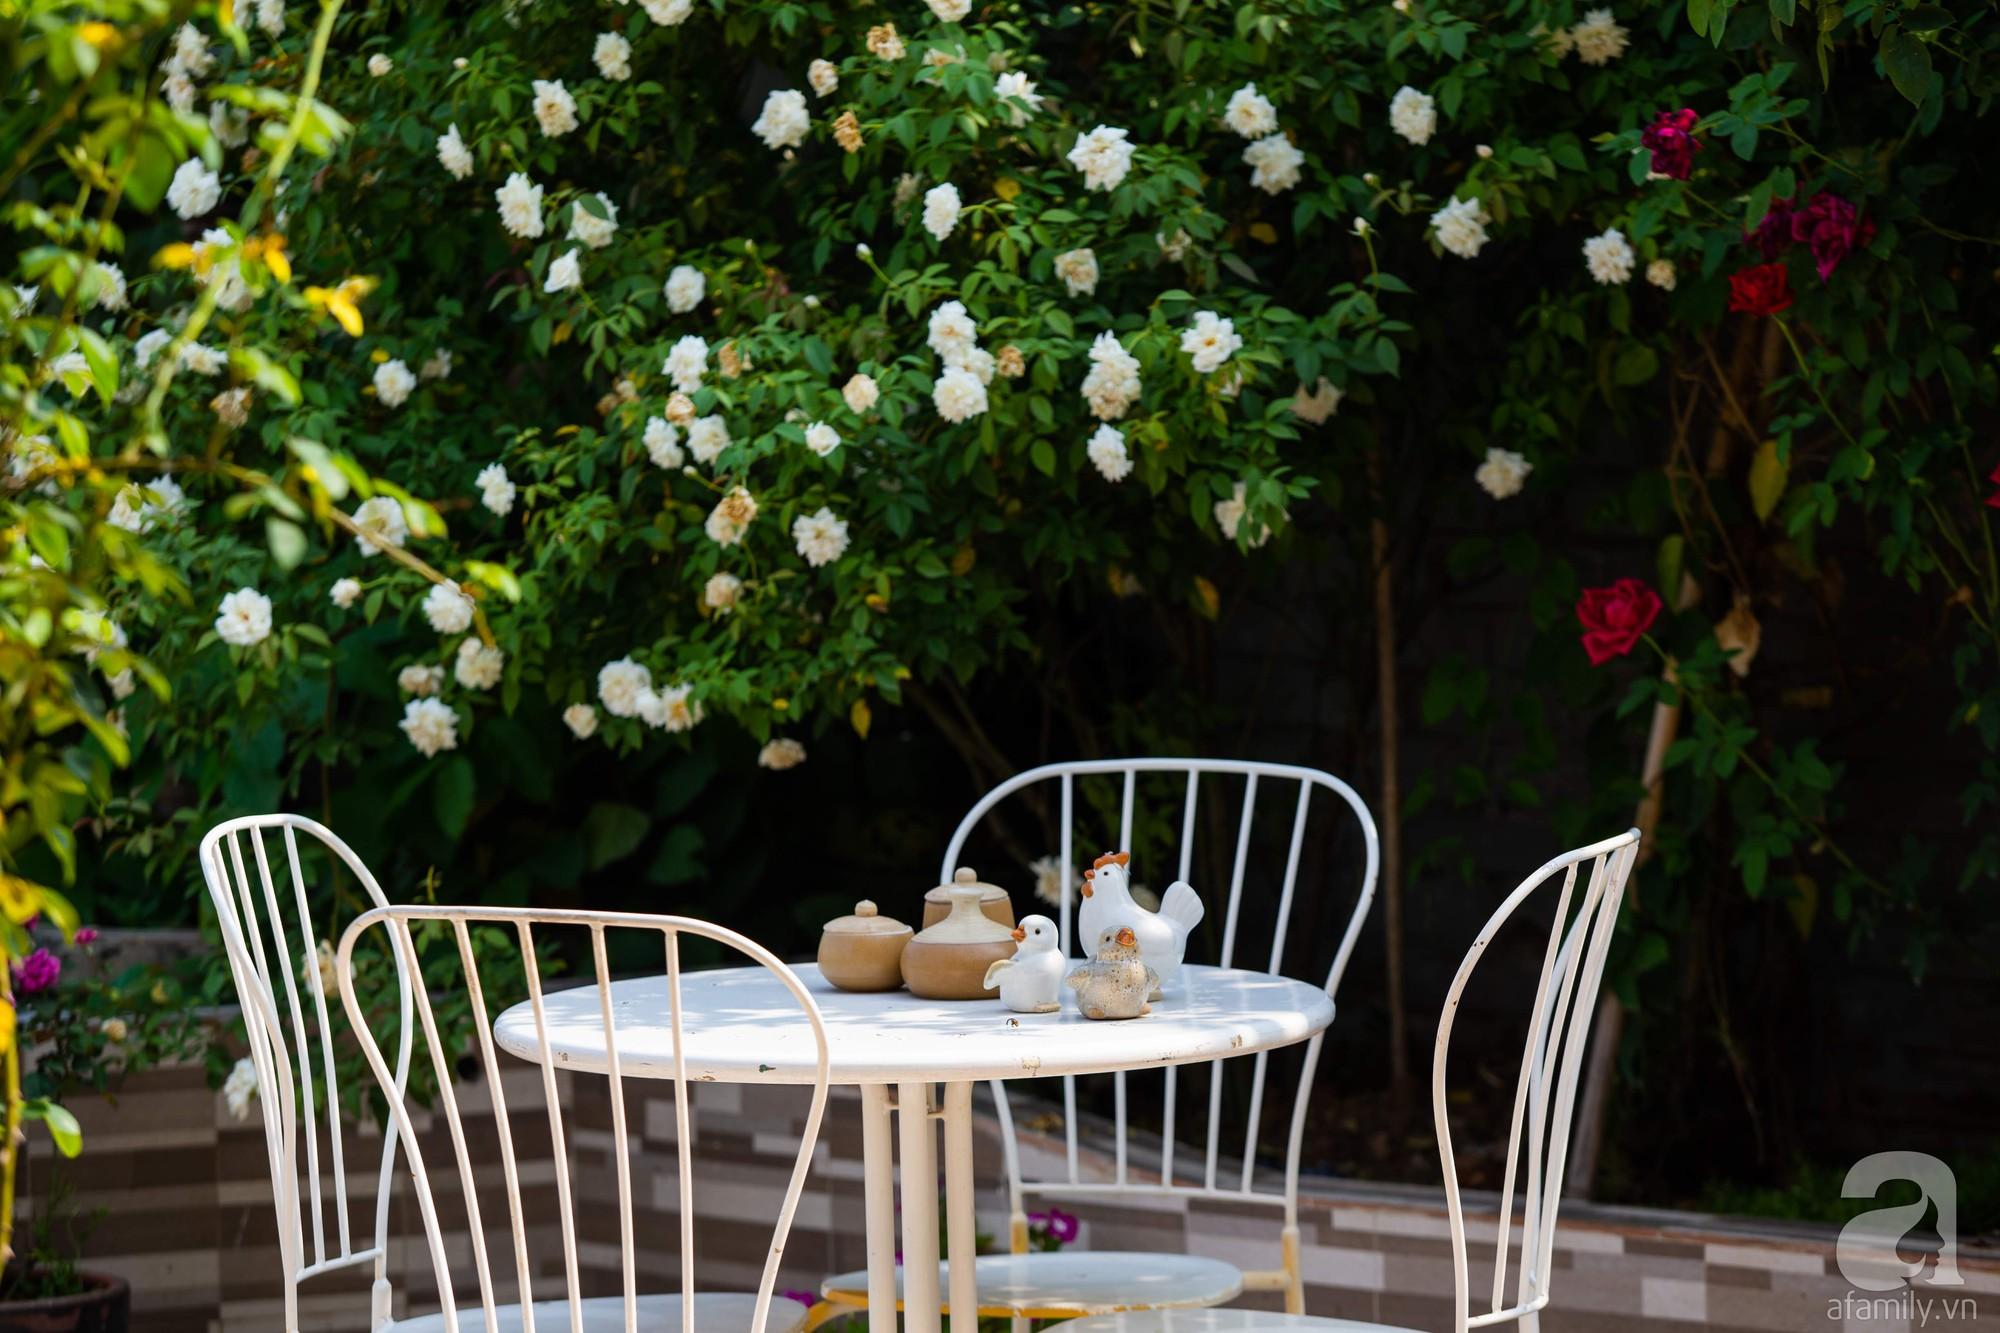 Khu vườn trên sân thượng rộng 200m² đẹp ngỡ ngàng với trăm loài hoa đua nhau khoe sắc ở Hà Nội - 8